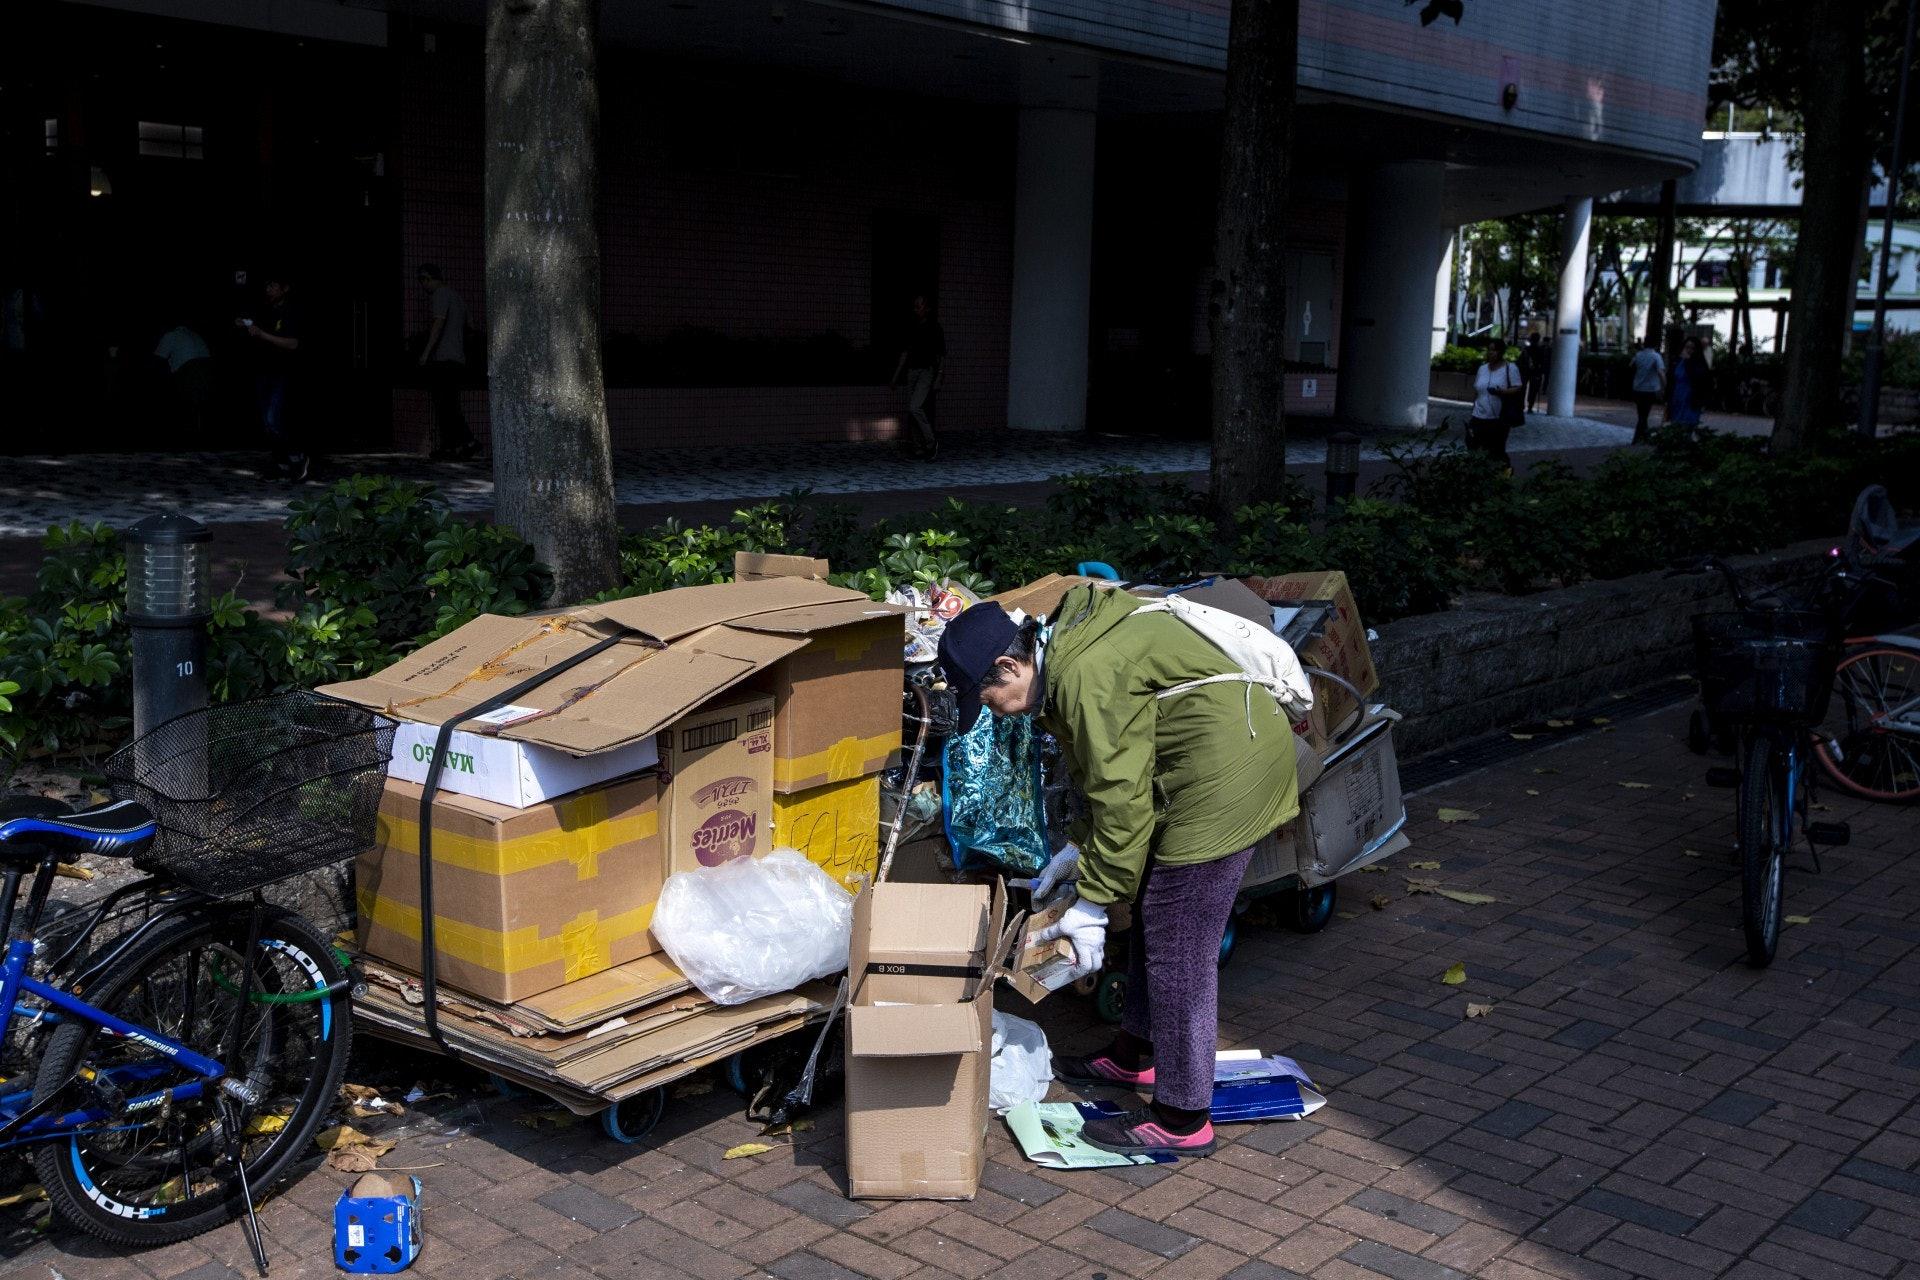 黃姐每天都會將收集到的紙皮送到商家處賣出。(羅君豪攝)